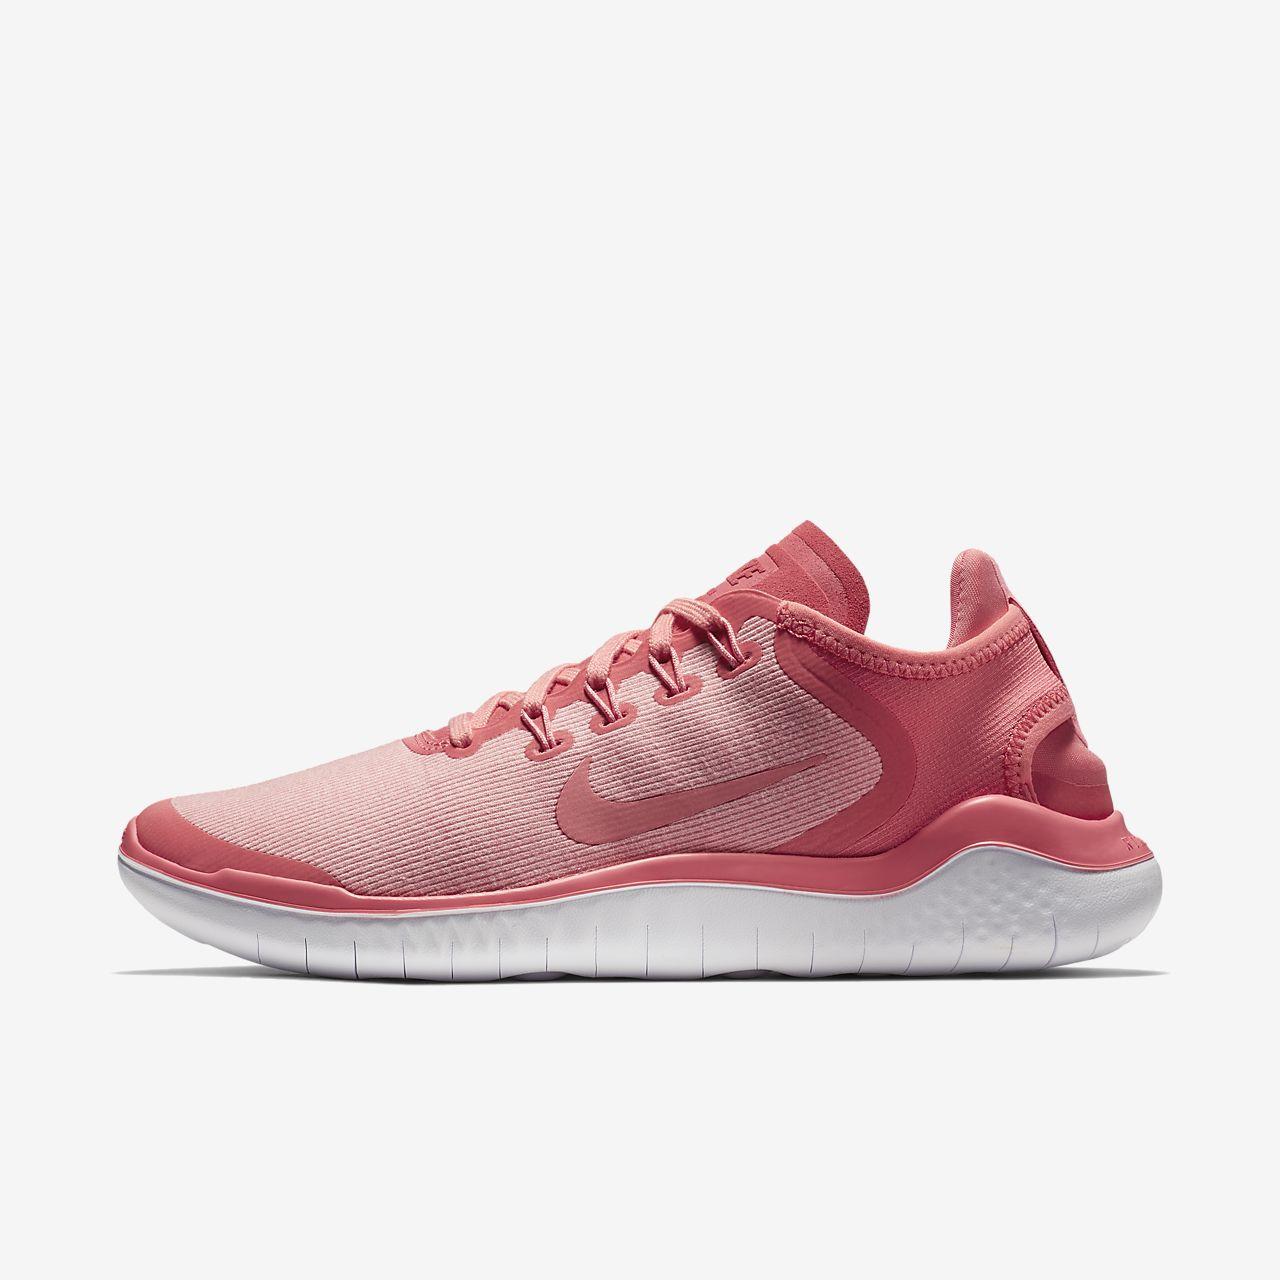 ... Nike Free RN 2018 Sun Women's Running Shoe